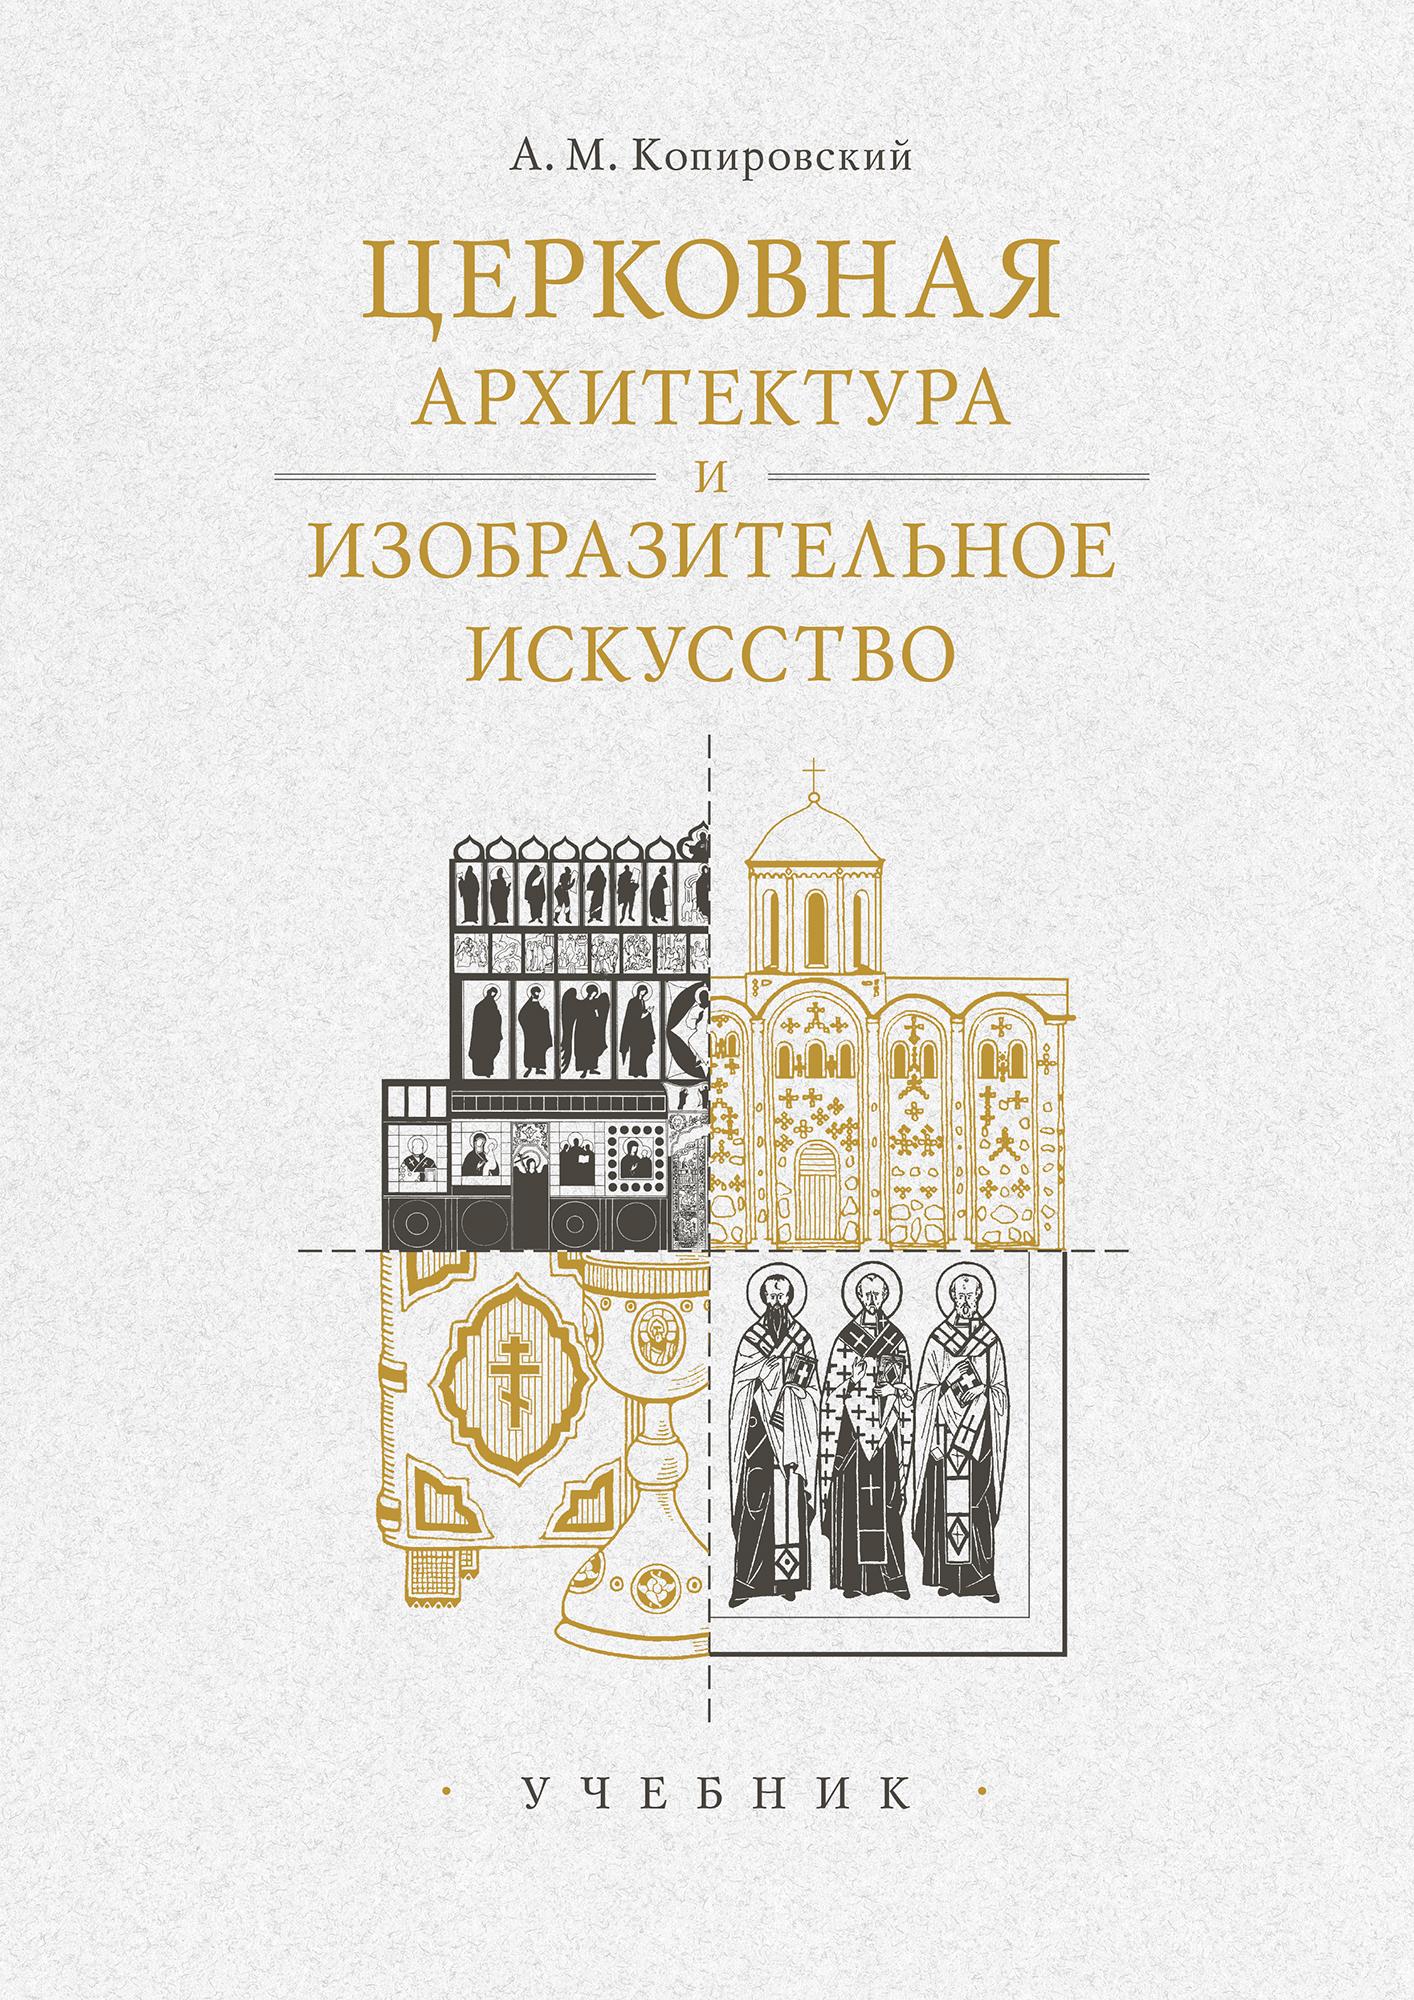 А. М. Копировский Церковная архитектура и изобразительное искусство. Учебник